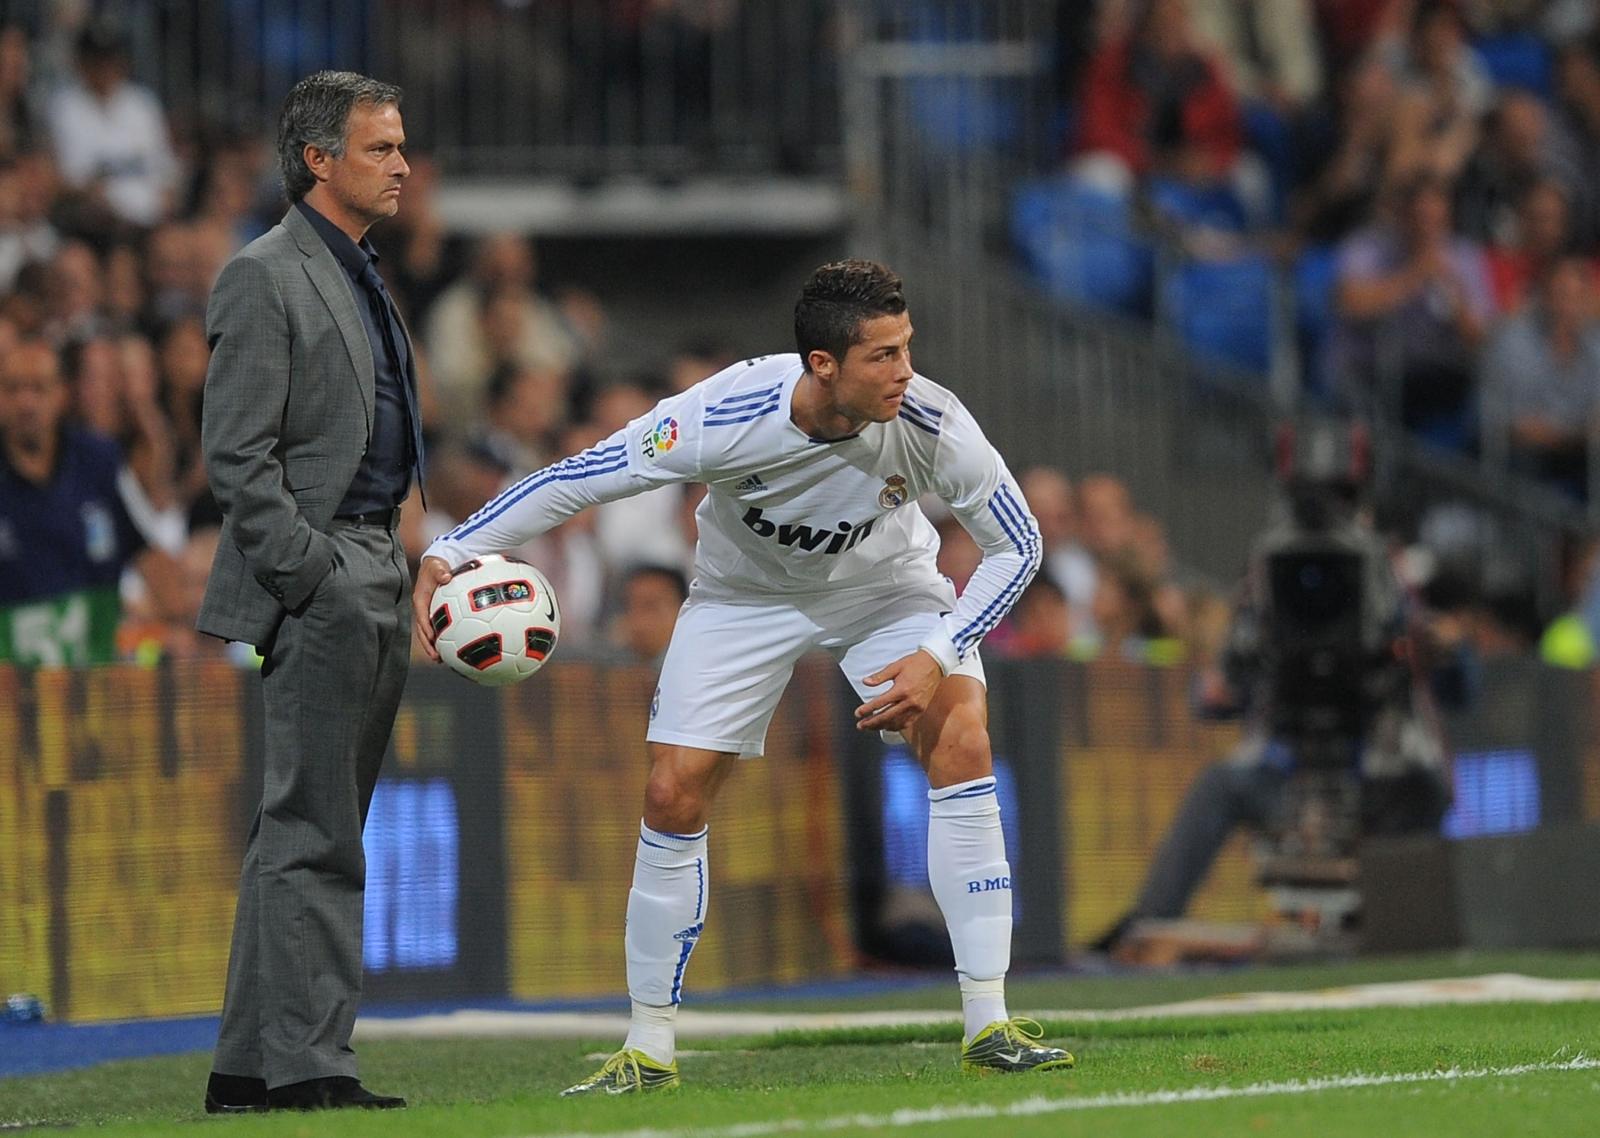 Jose Mourinho (left) and Cristiano Ronaldo